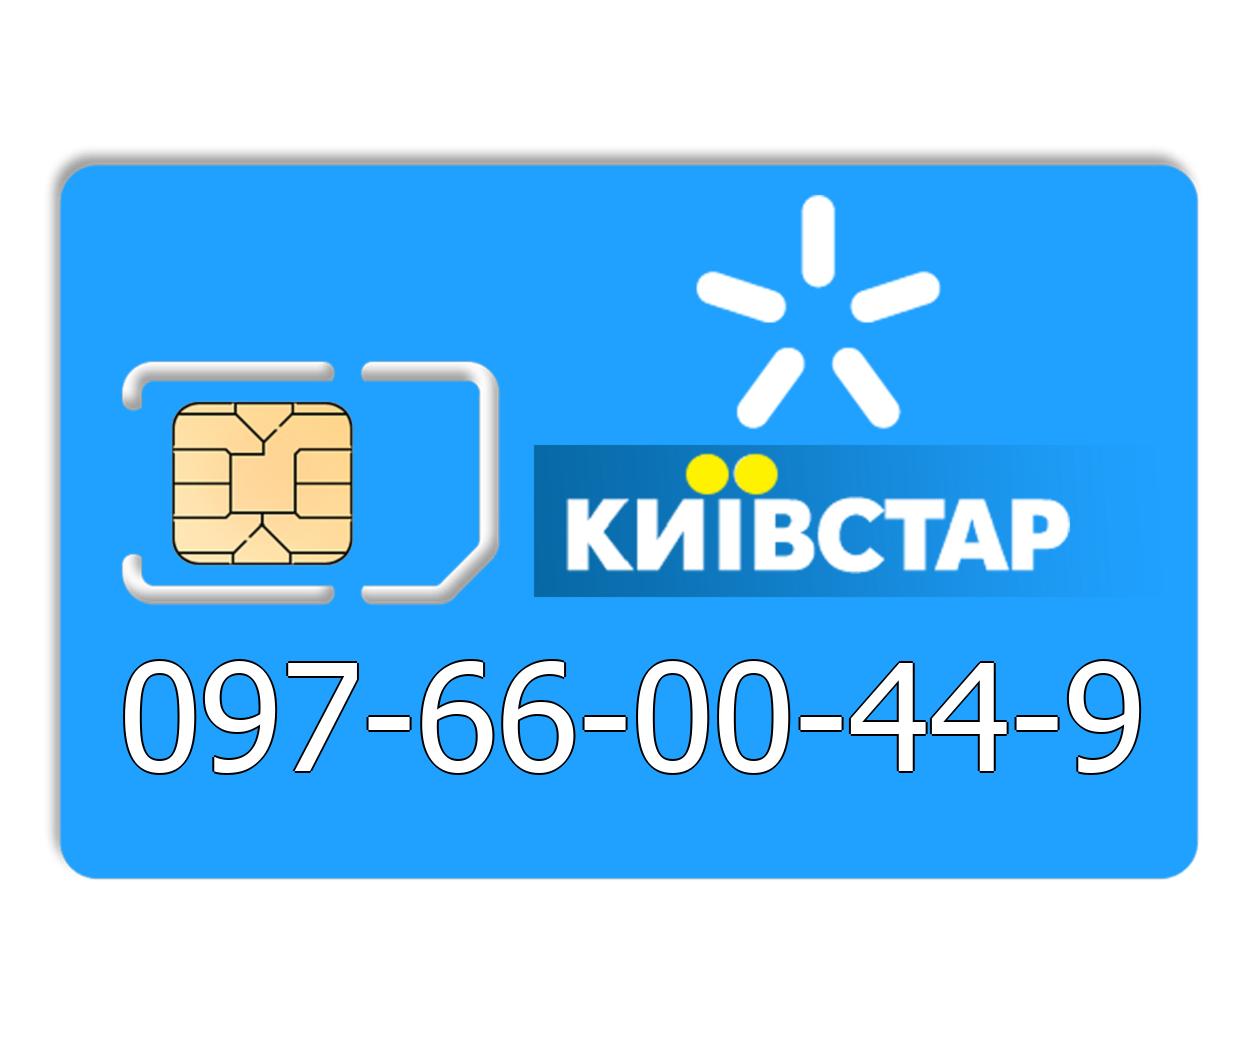 Красивый номер Киевстар 097-66-00-44-9